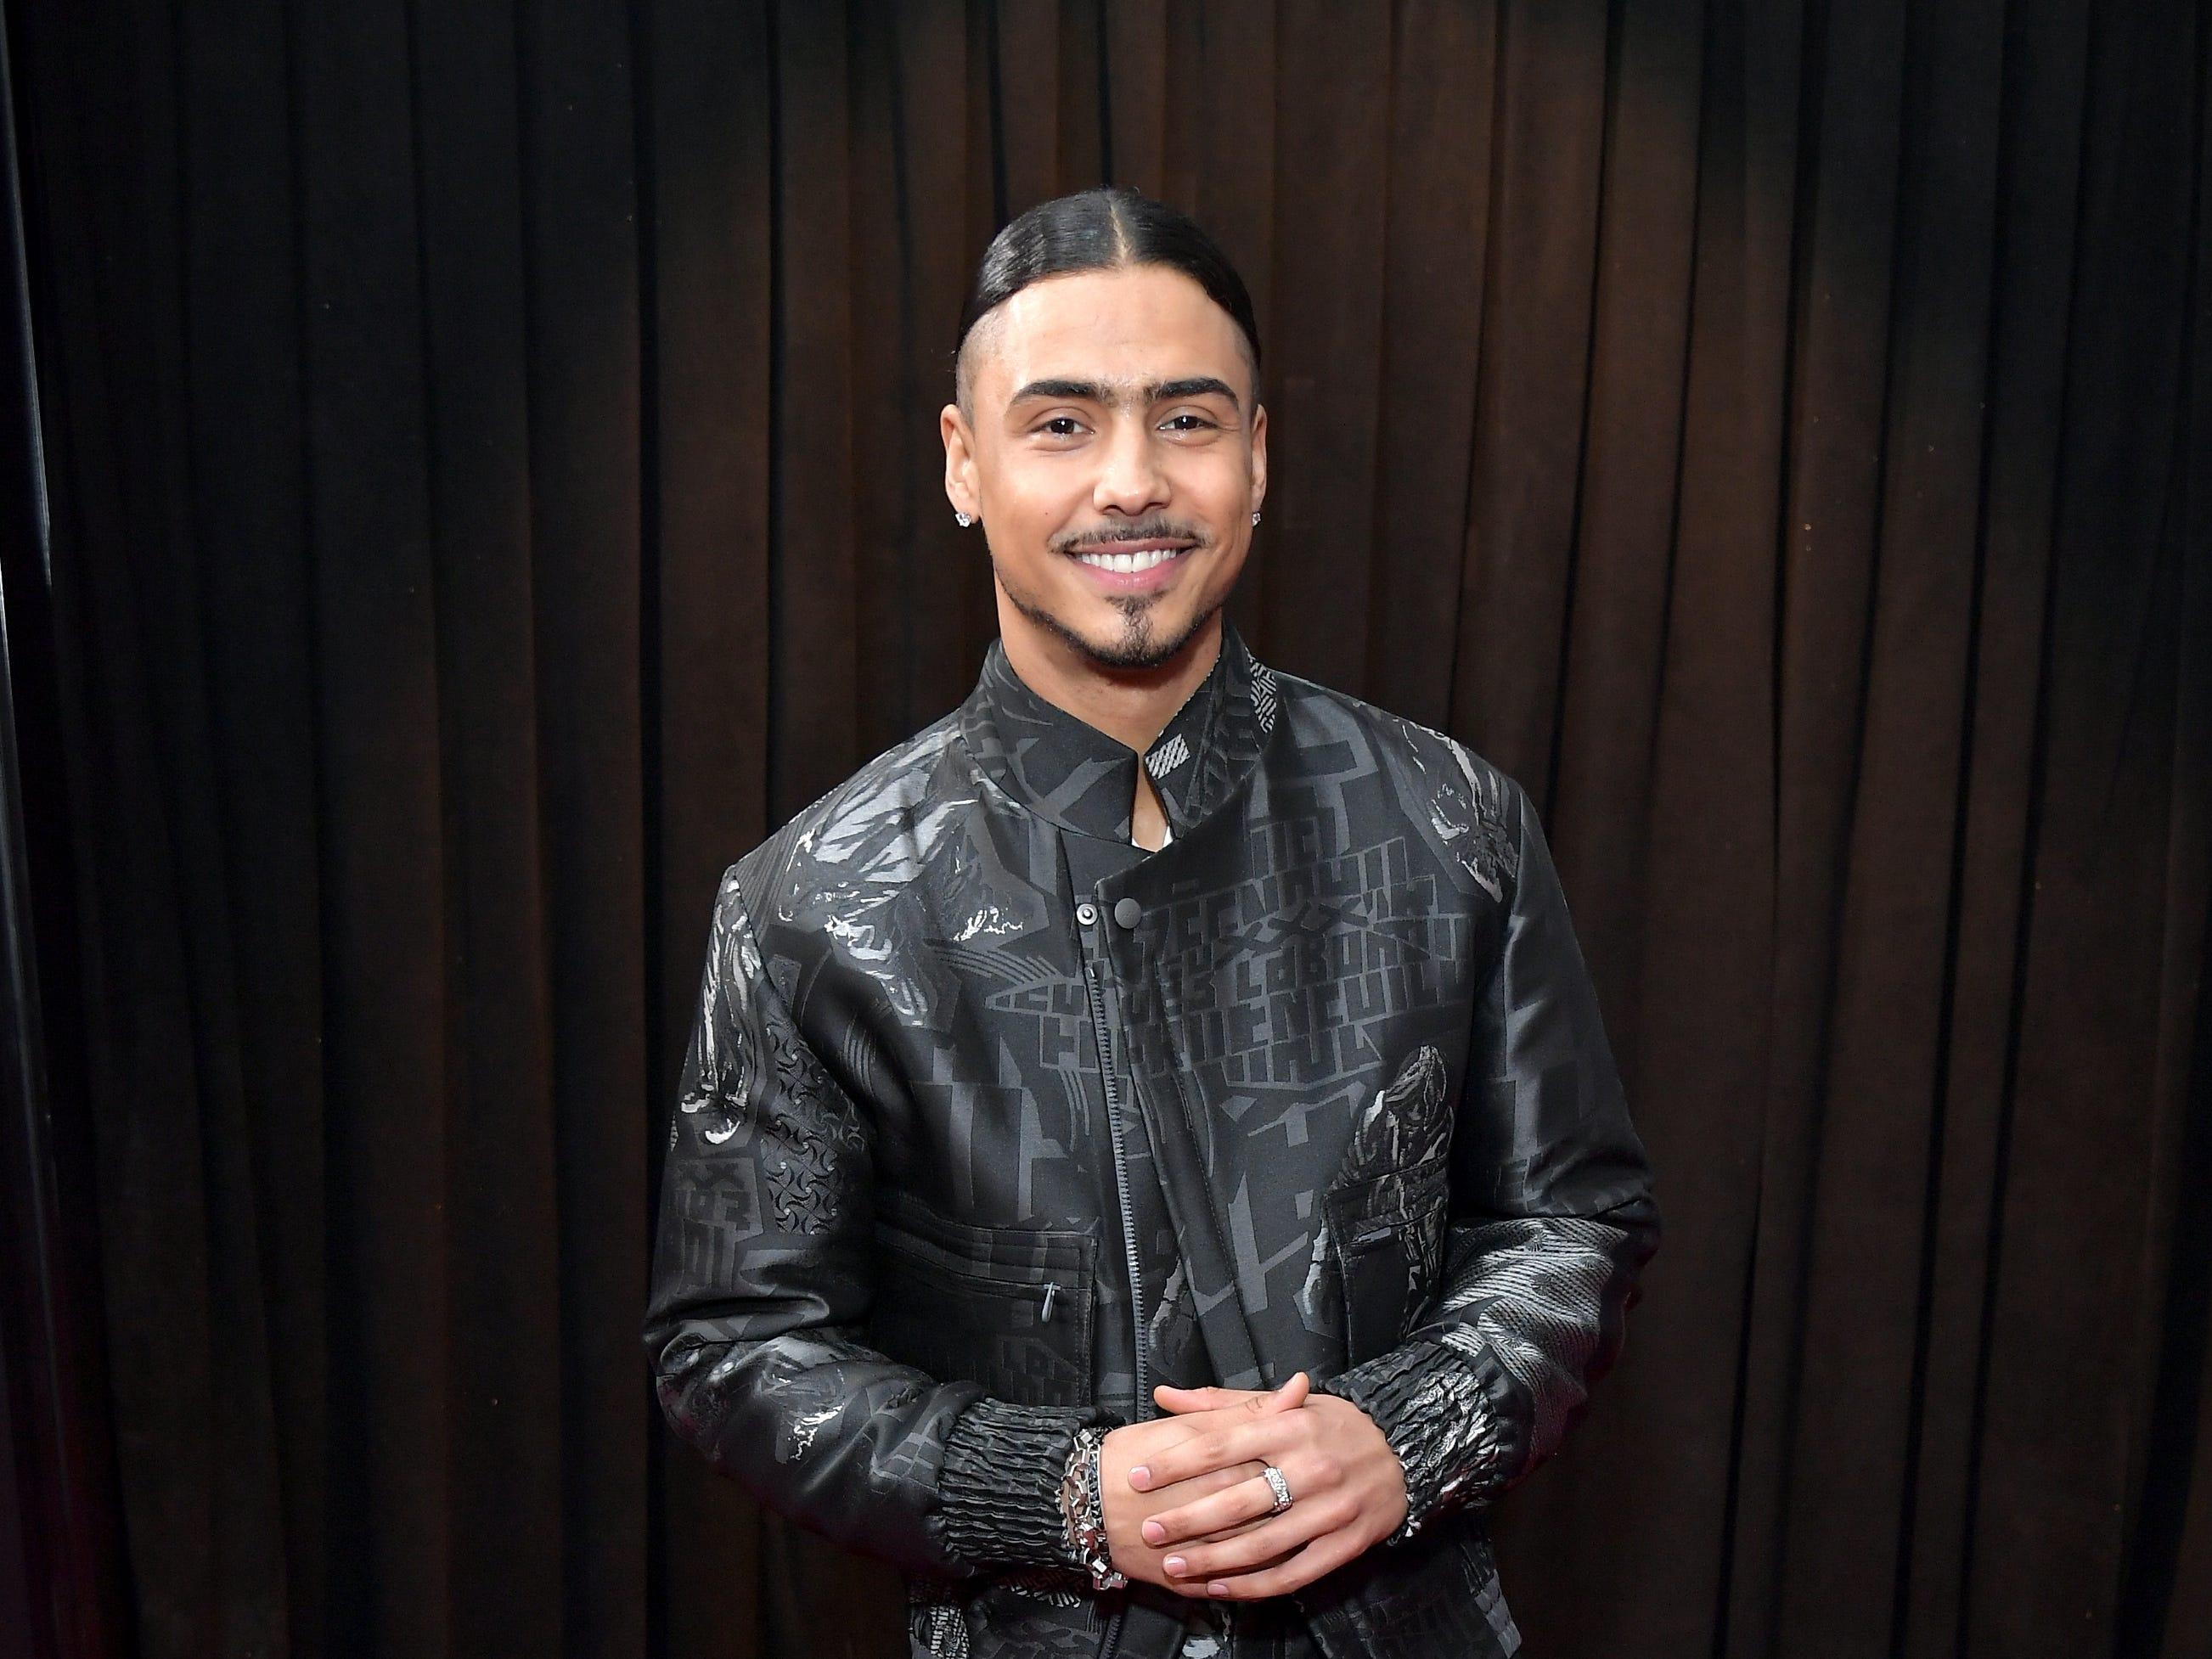 Quincy asiste a la 61ª edición de los premios GRAMMY en el Staples Center el 10 de febrero de 2019 en Los Ángeles, California.